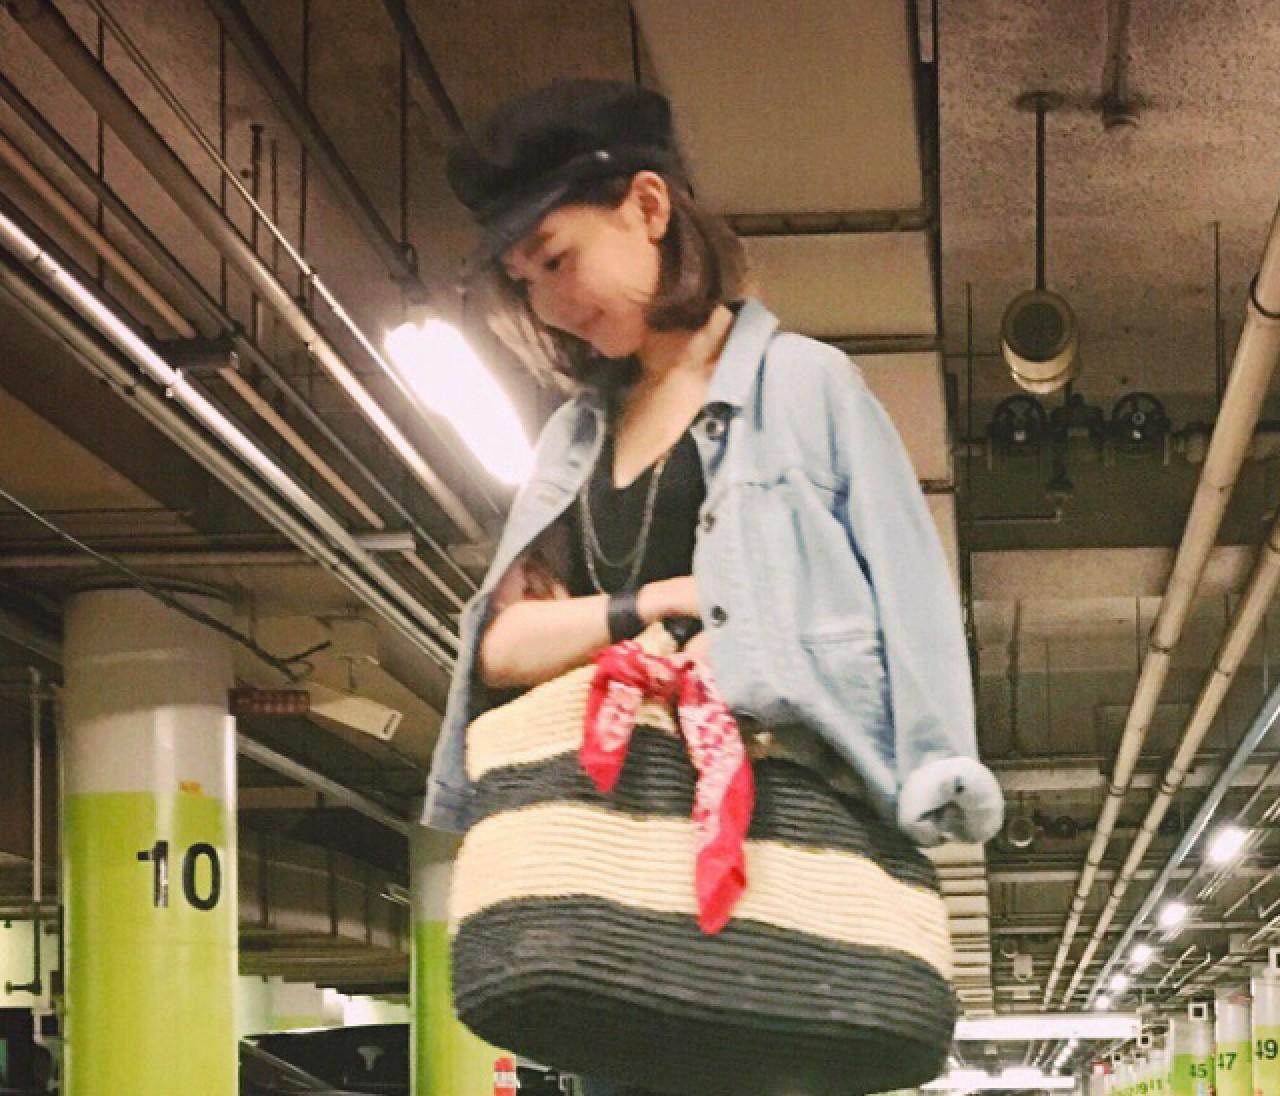 【スーパーバイラーズの #女っポイントデニム #OOTD】3/14(月)・木本 静さん